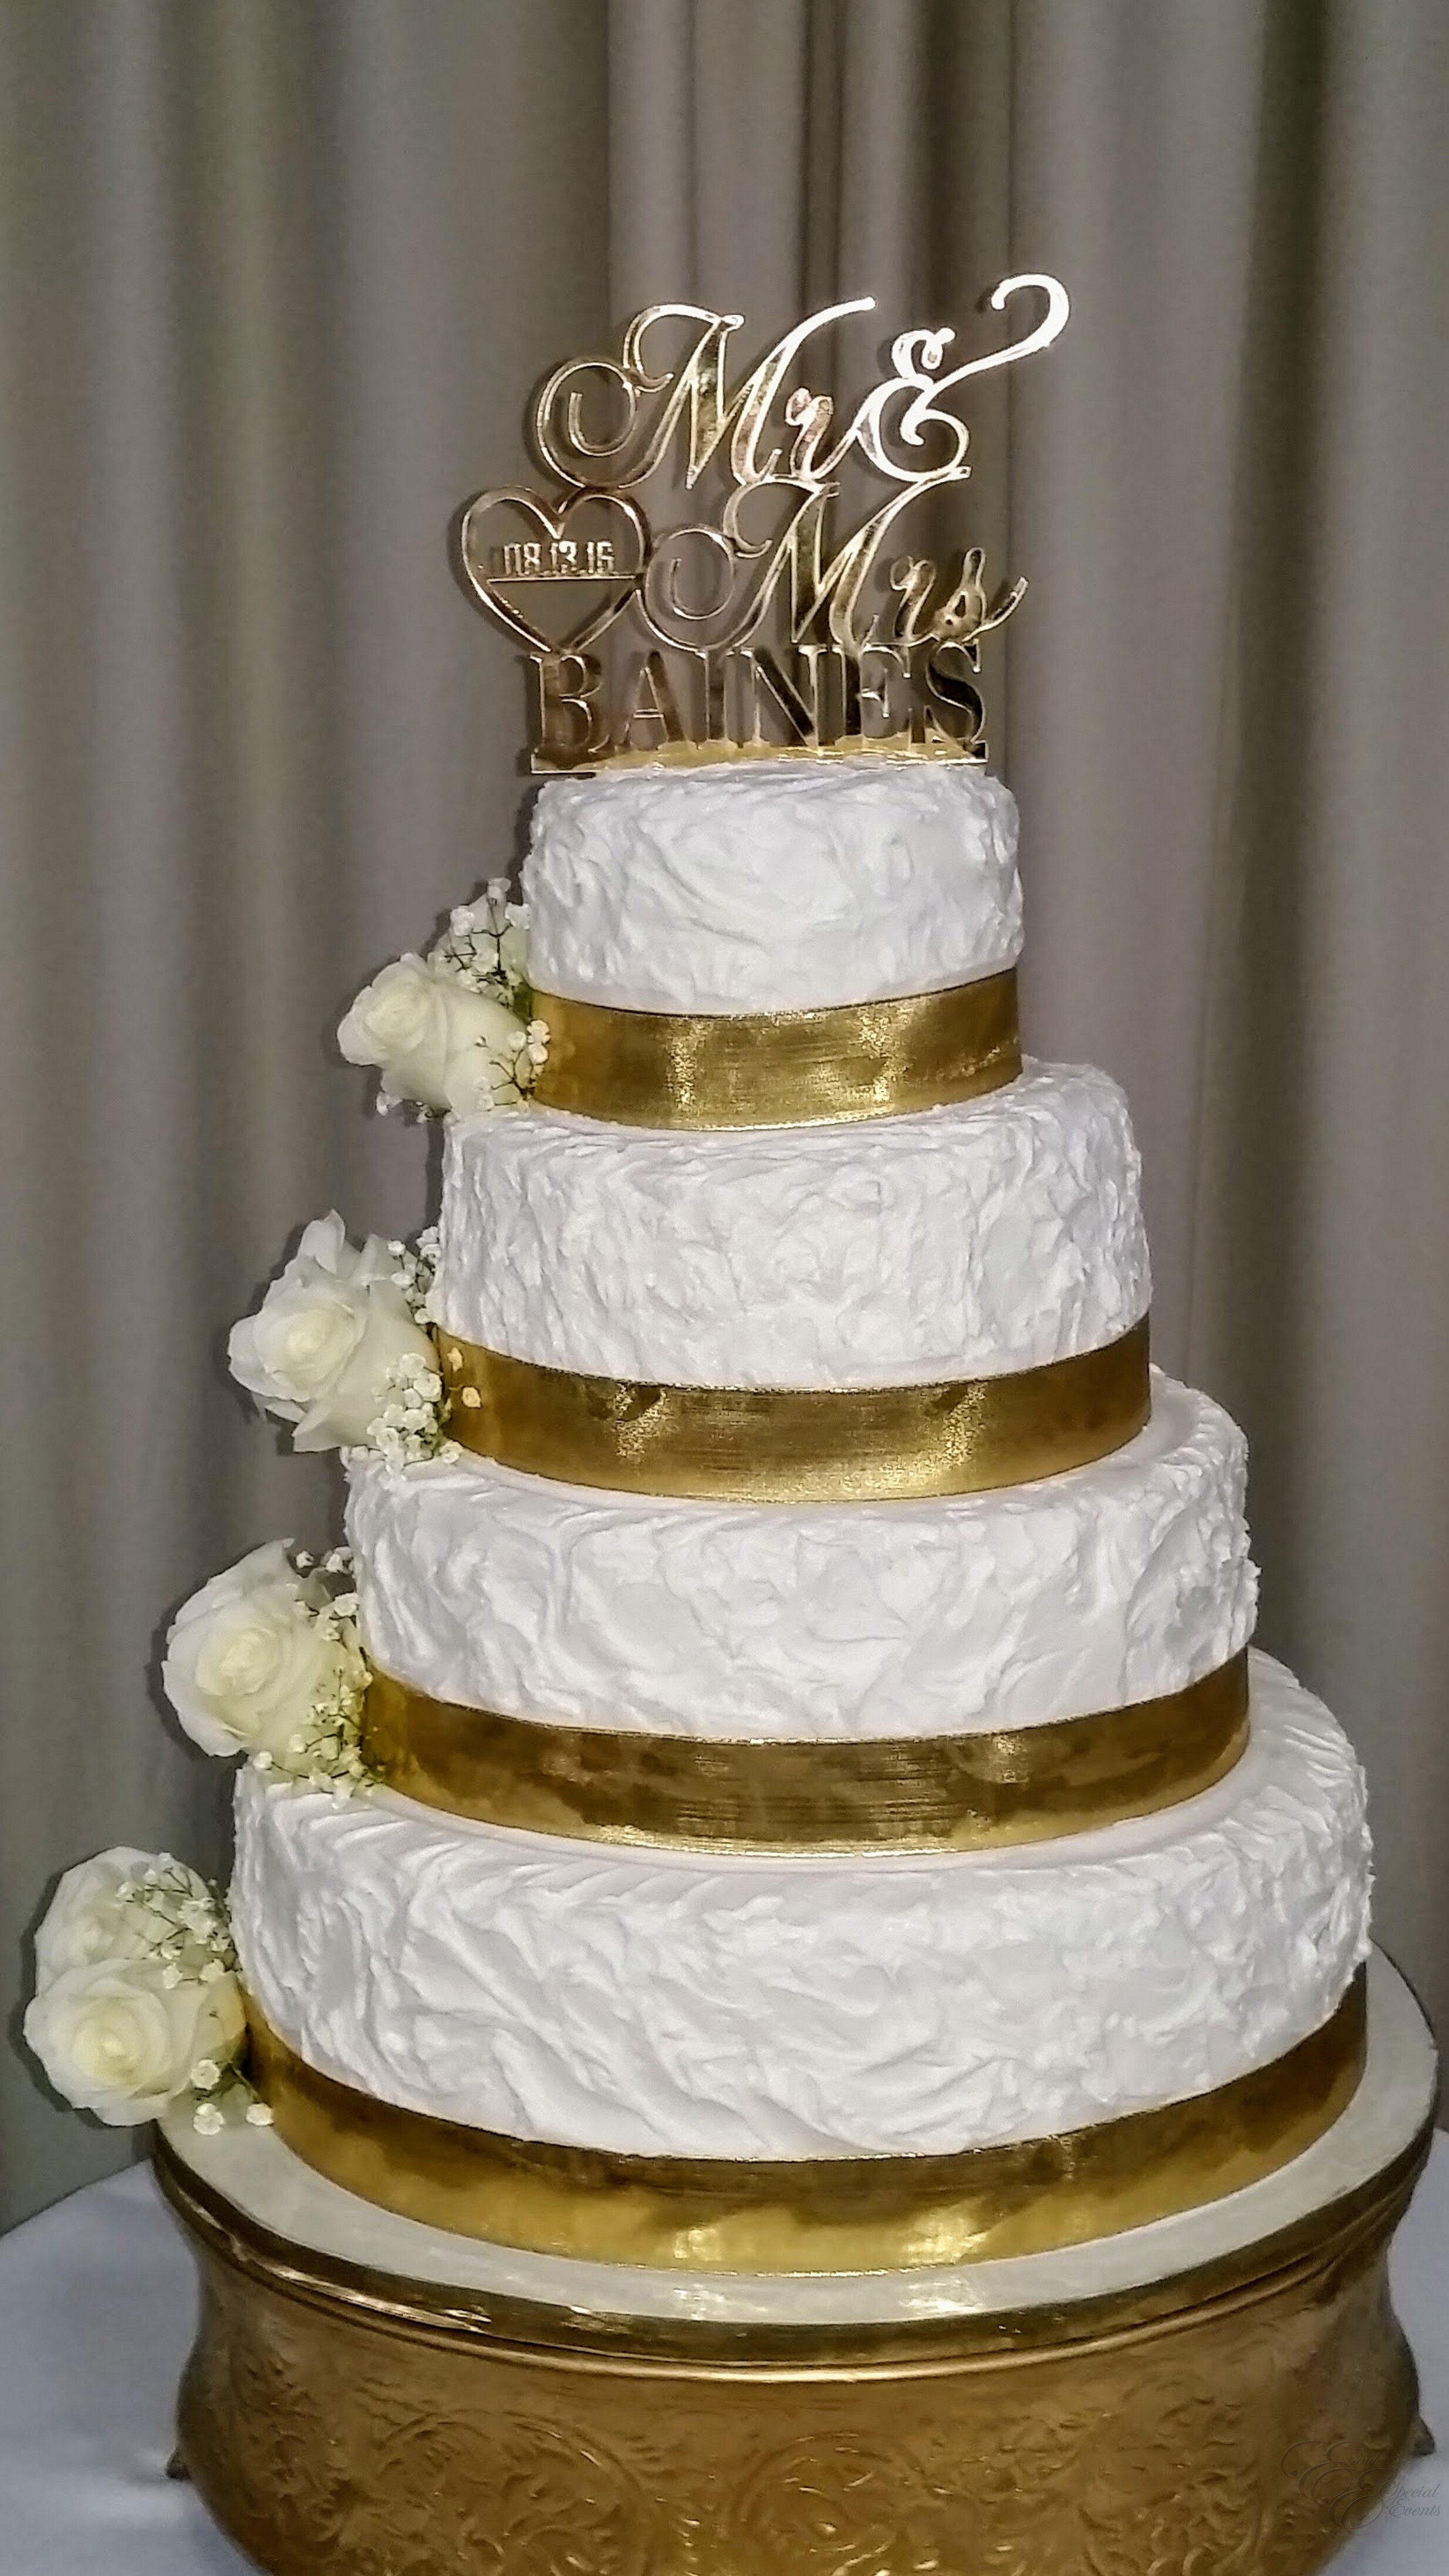 wedding_cakes_E_and_E_Special_Events_virginia_beach_40.jpg